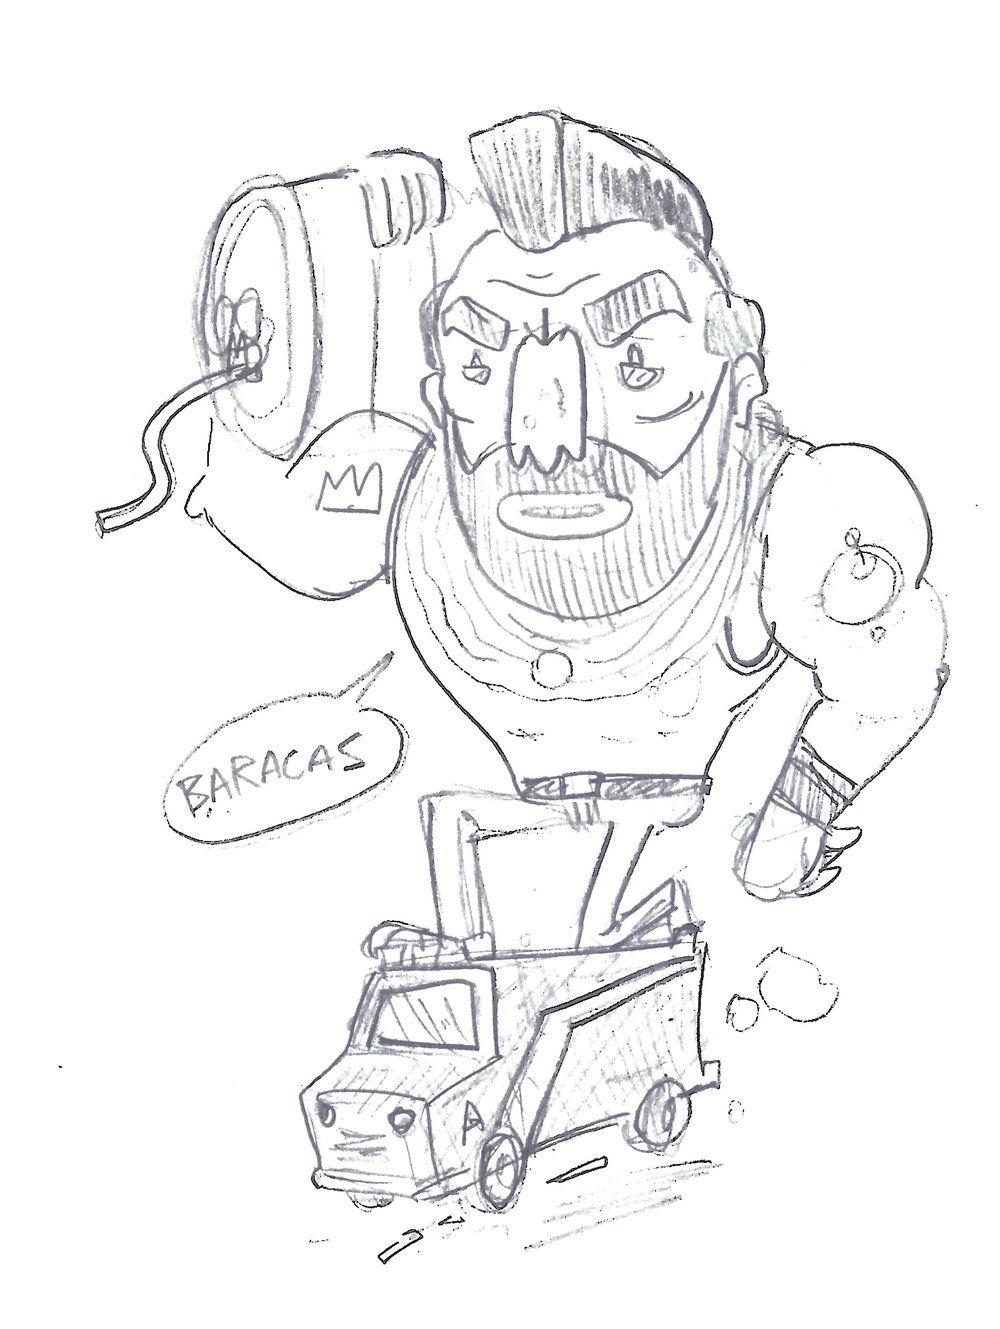 mb_baracus_giant_pencil.jpg